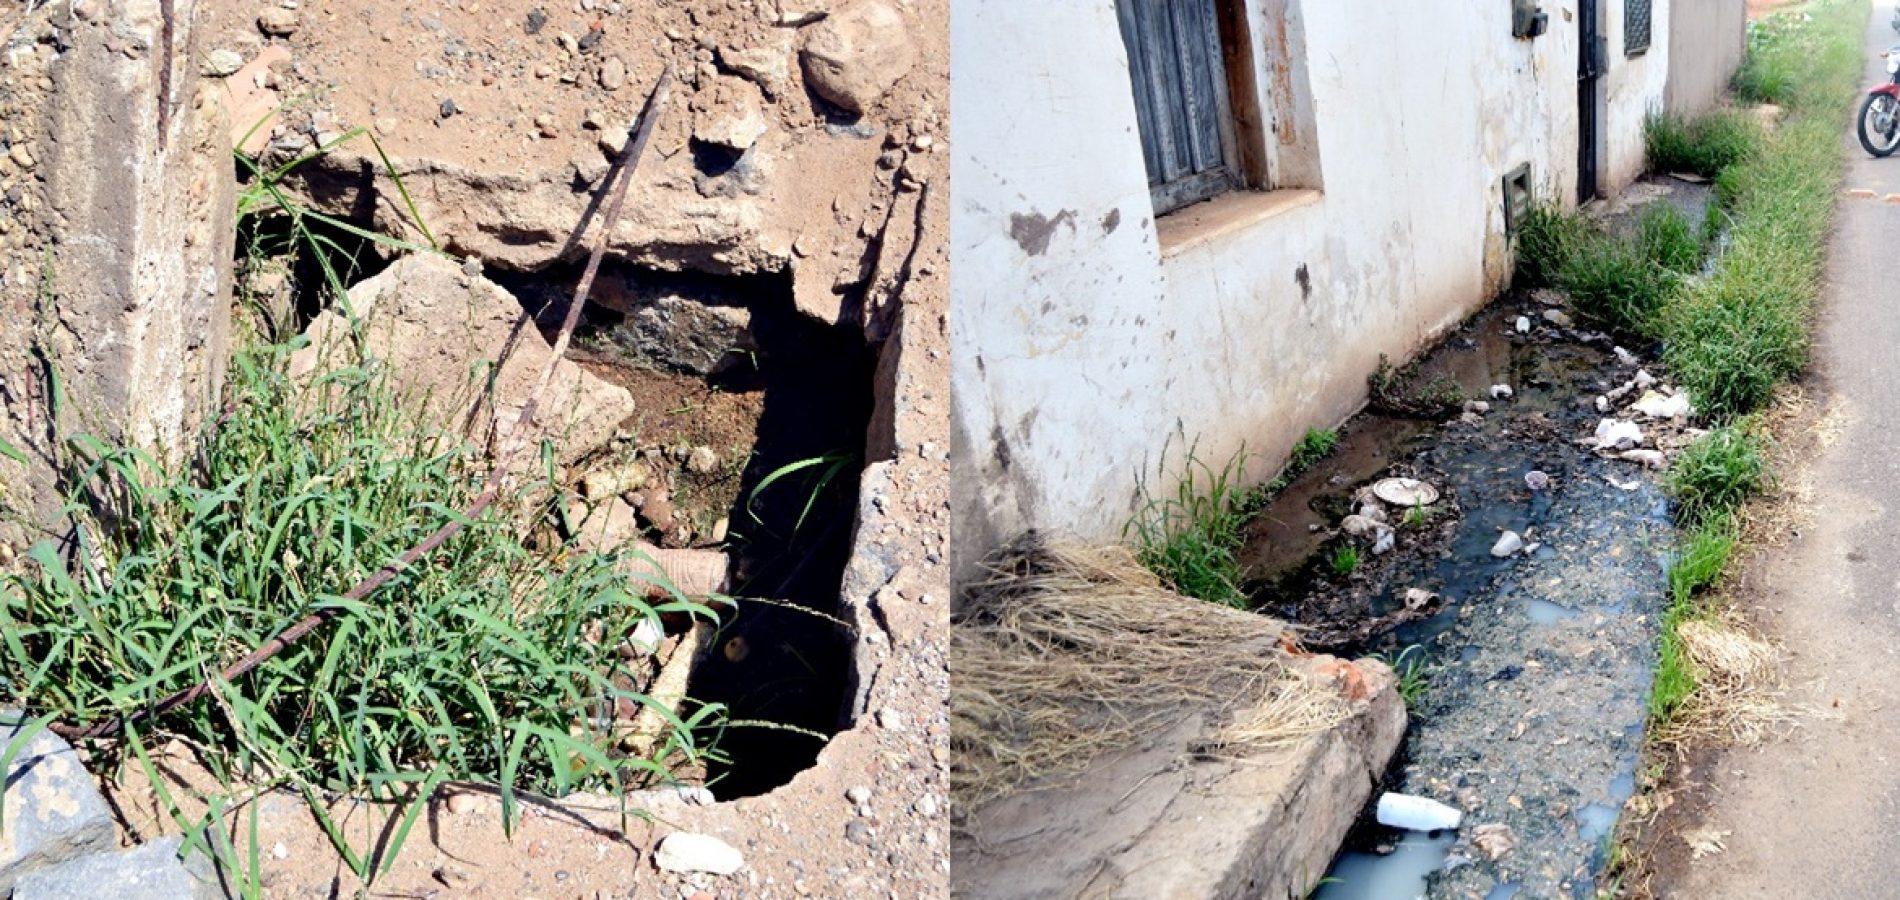 Buraco e esgoto a céu aberto causam transtornos à moradores em rua de Picos